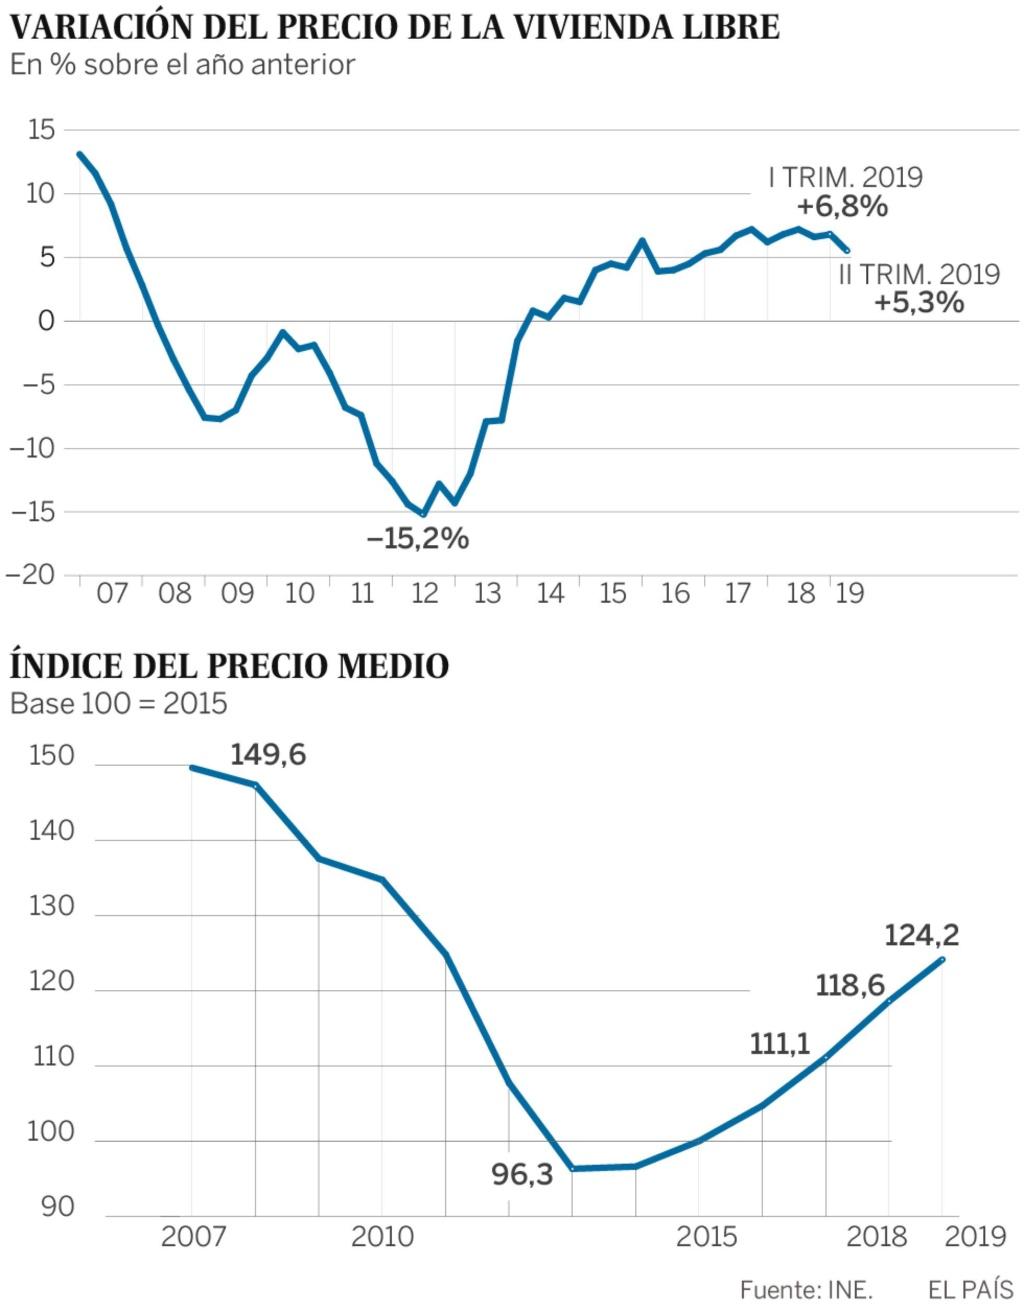 Realidades de la vivienda en el capitalismo español. Luchas contra los desahucios de viviendas. Inversiones y mercado inmobiliario - Página 25 15677510